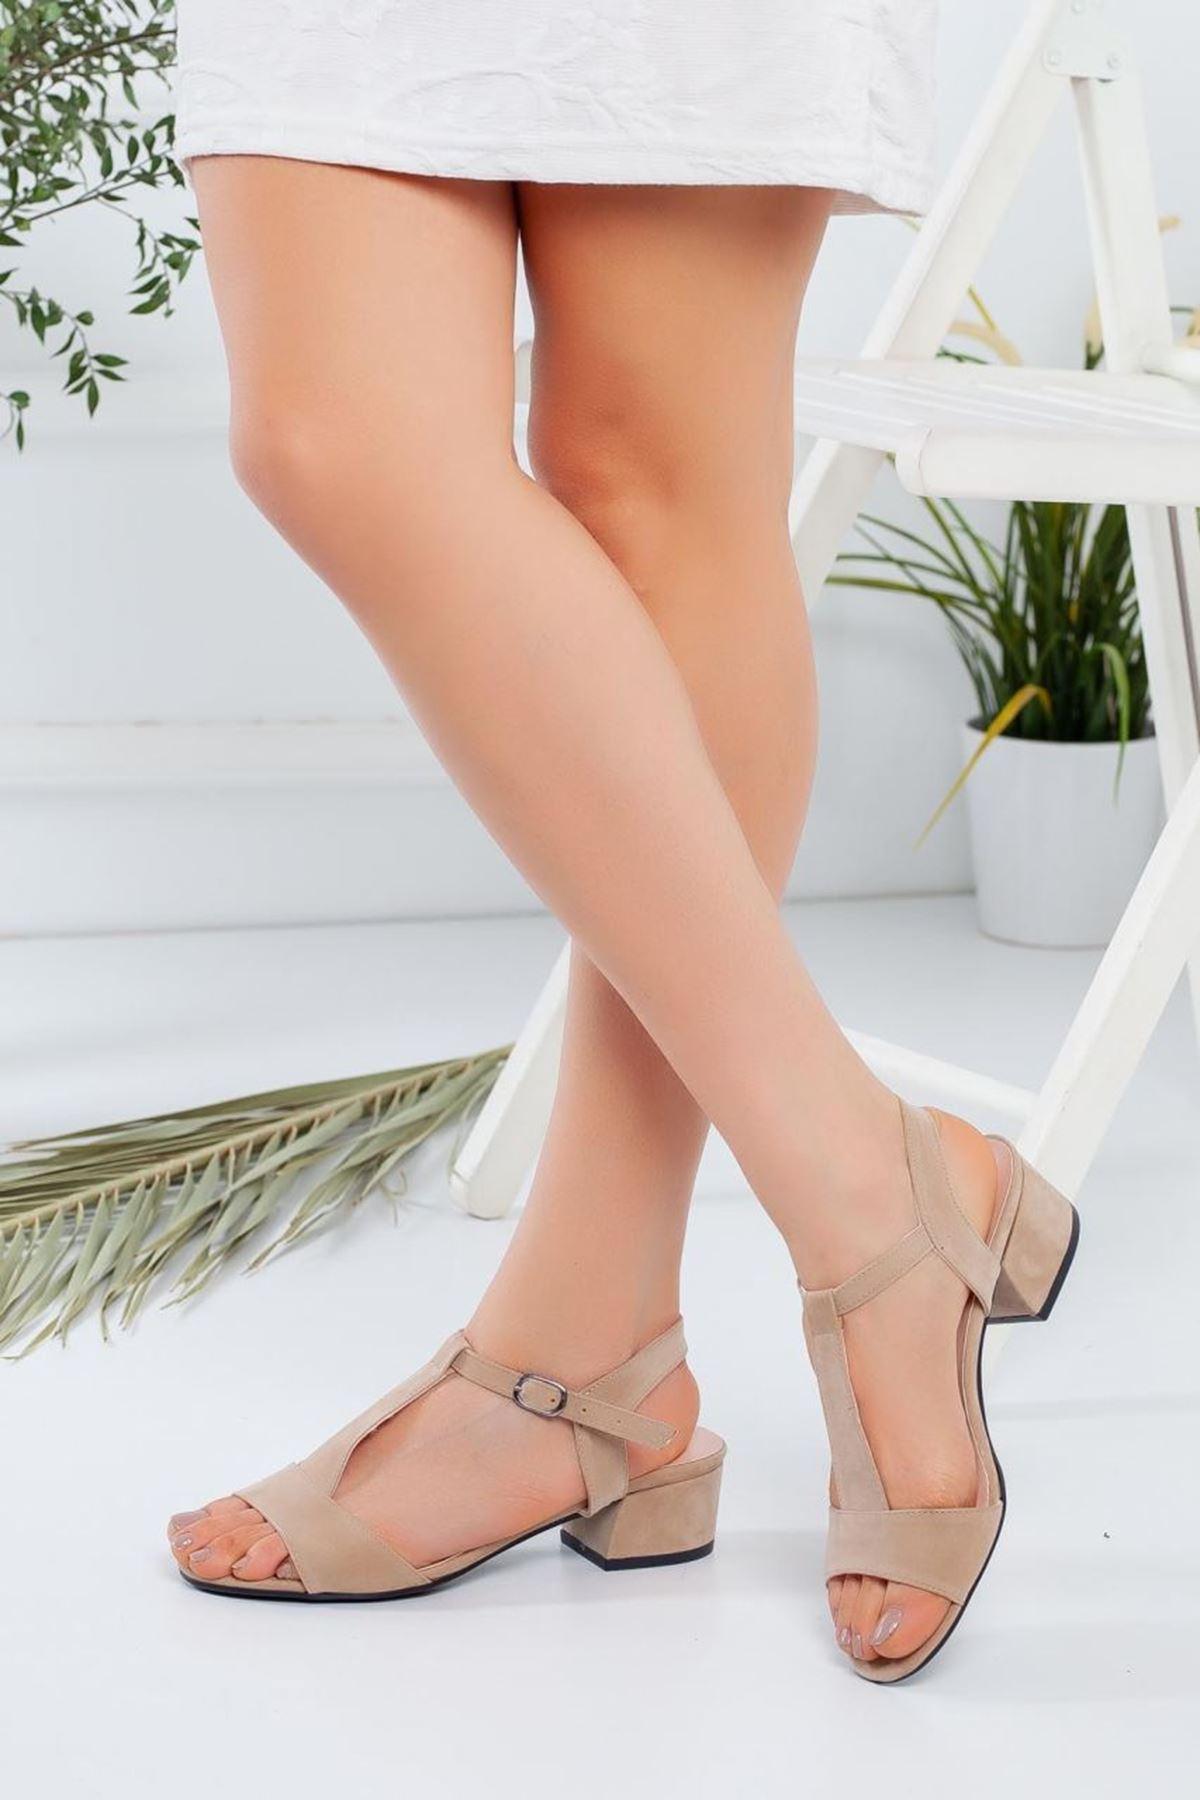 Kadın Lebreli Süet Kısa Topuklu Ayakkabı Bej